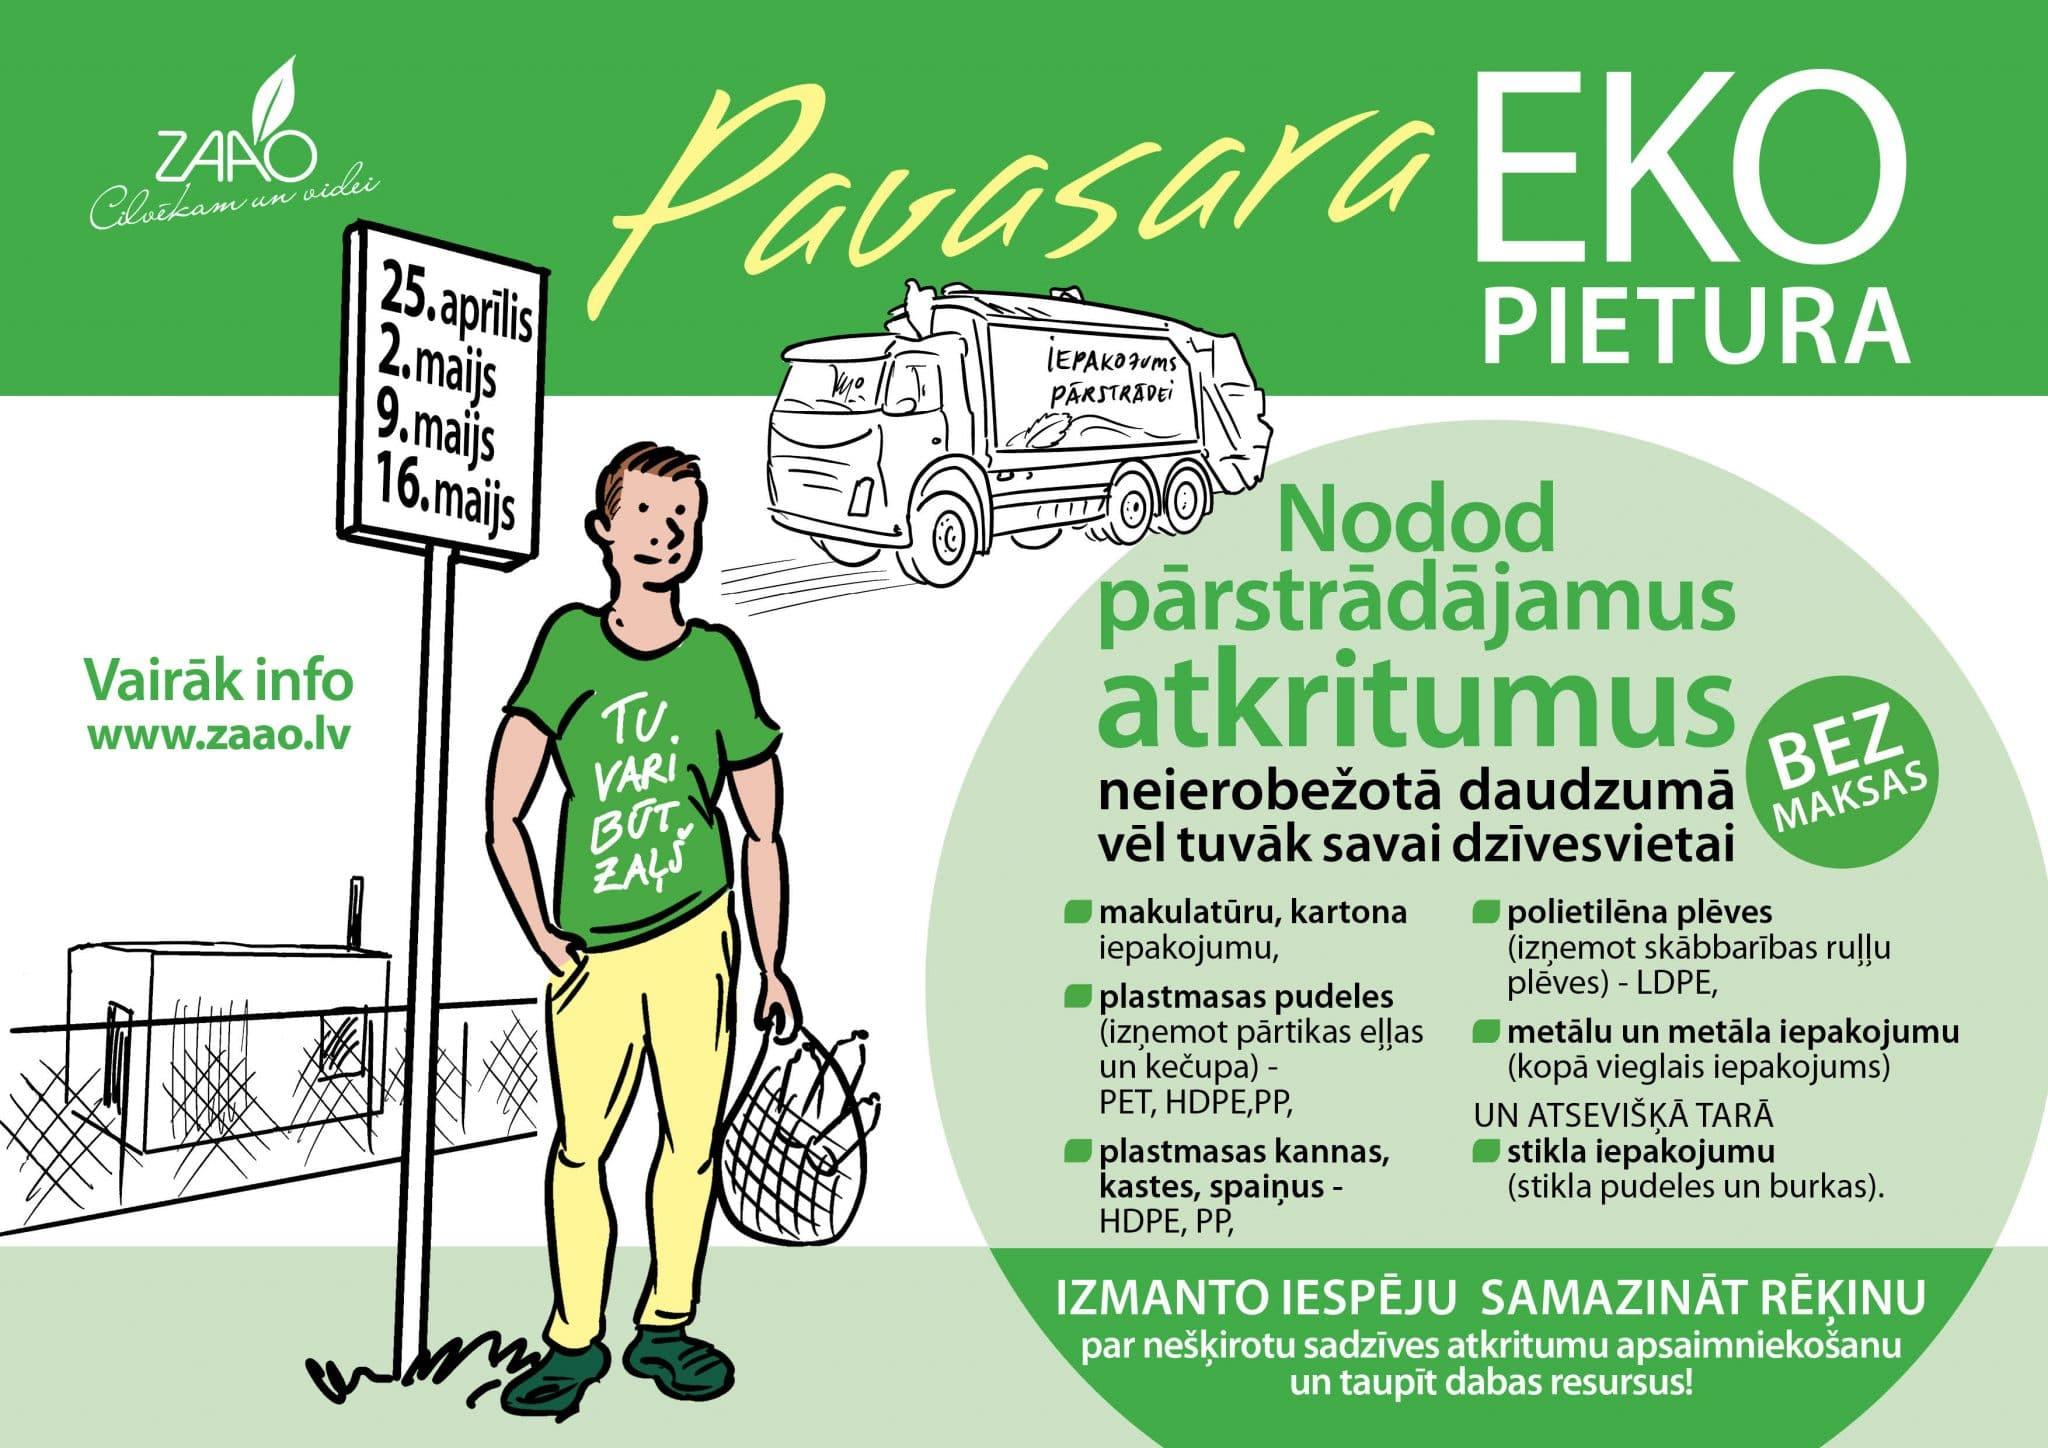 """Pārstrādājamo atkritumu vākšanas akcija """"Pavasara EKO pietura"""" pie Tavām mājām"""